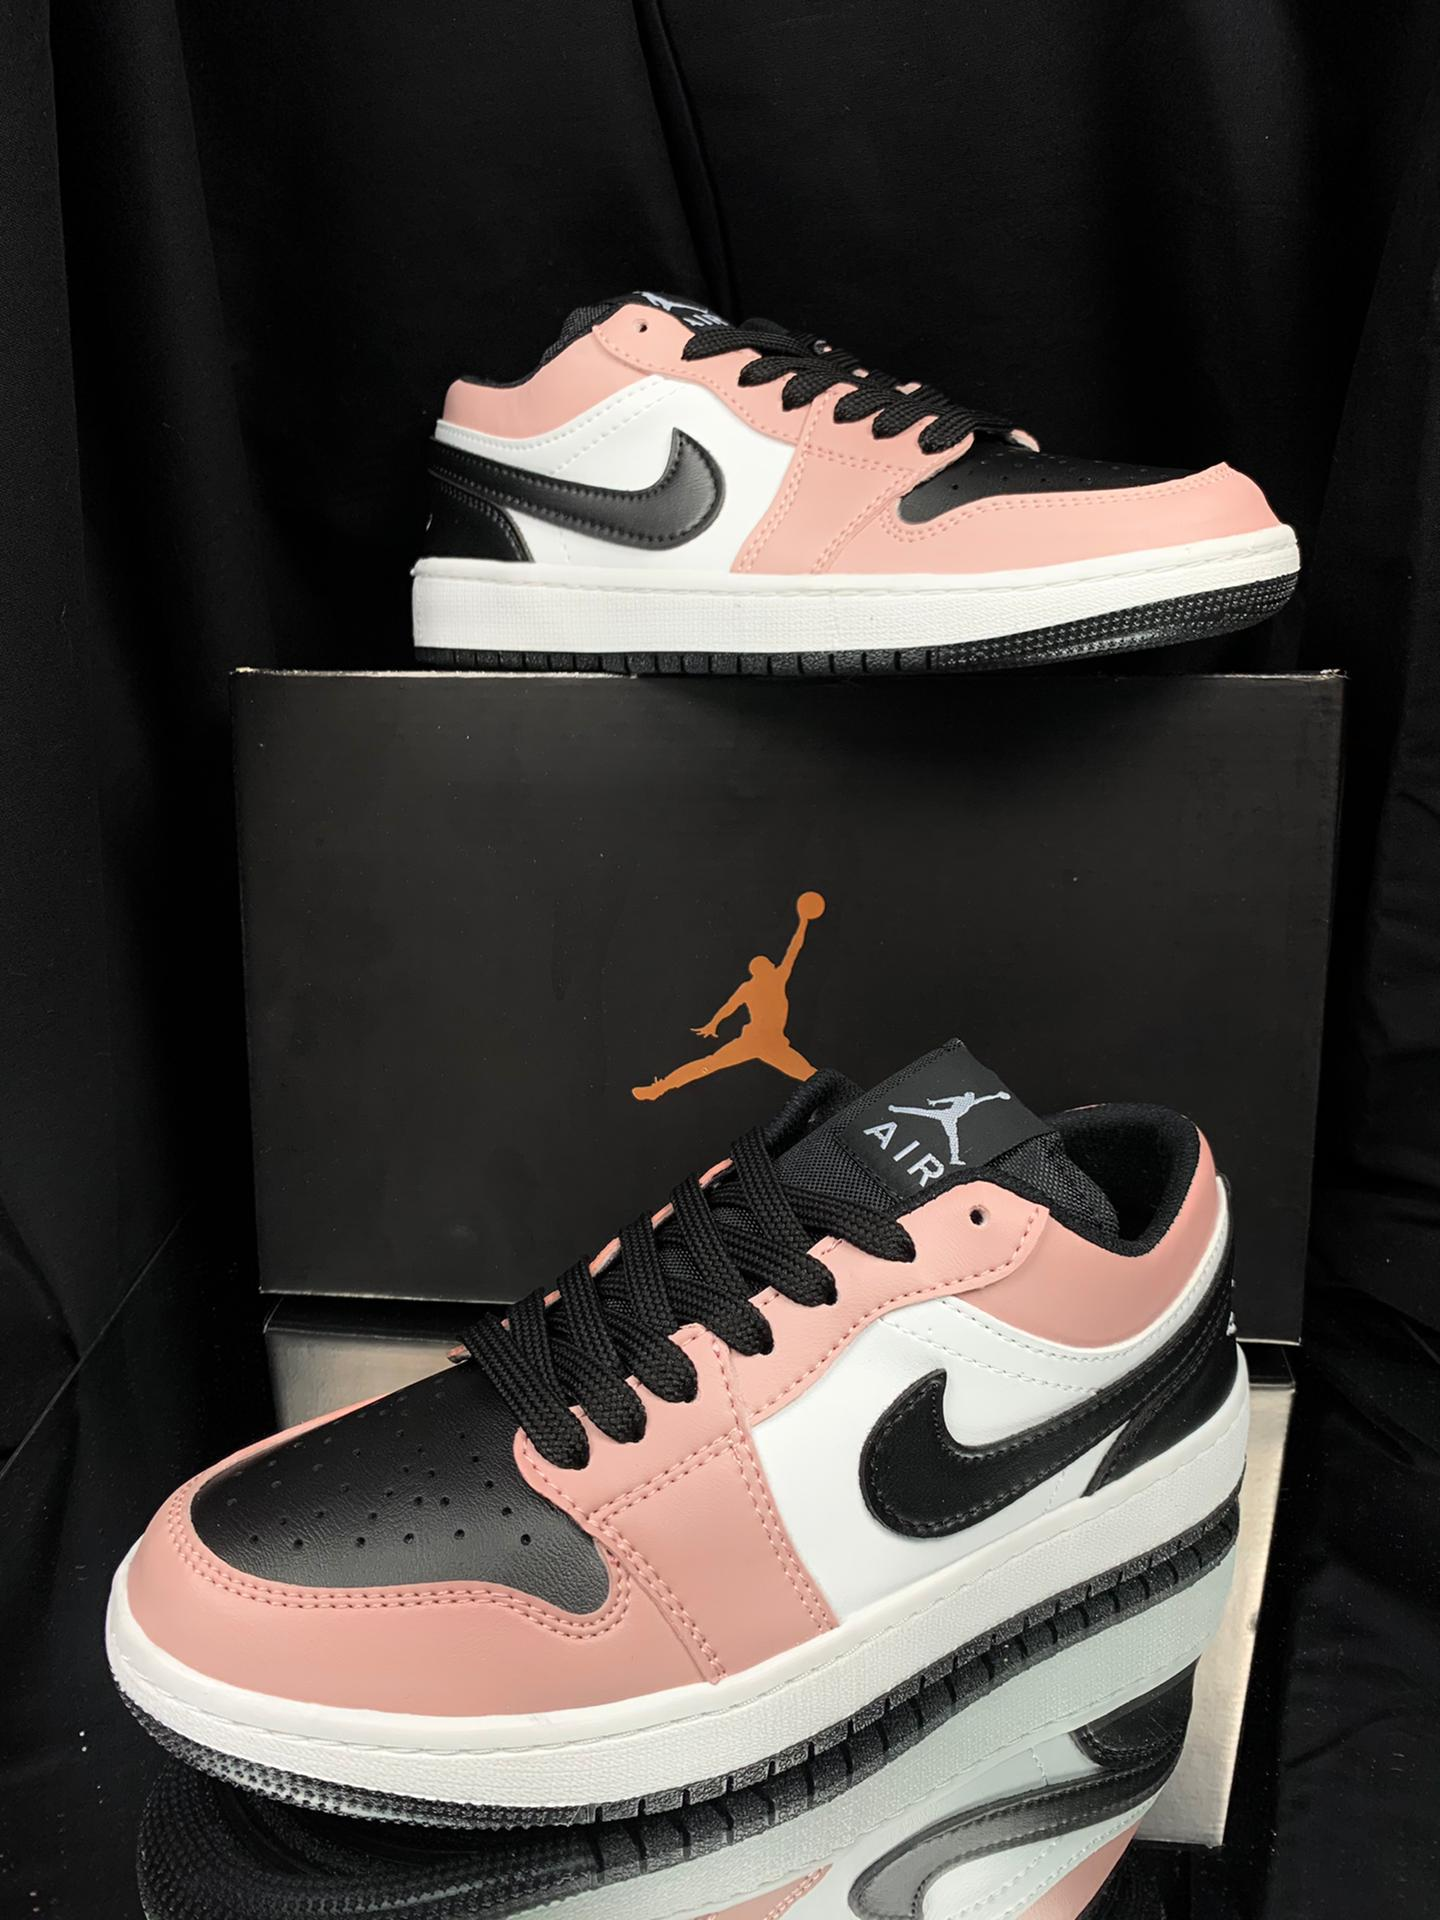 Air Jordan 1 Pink Quartz